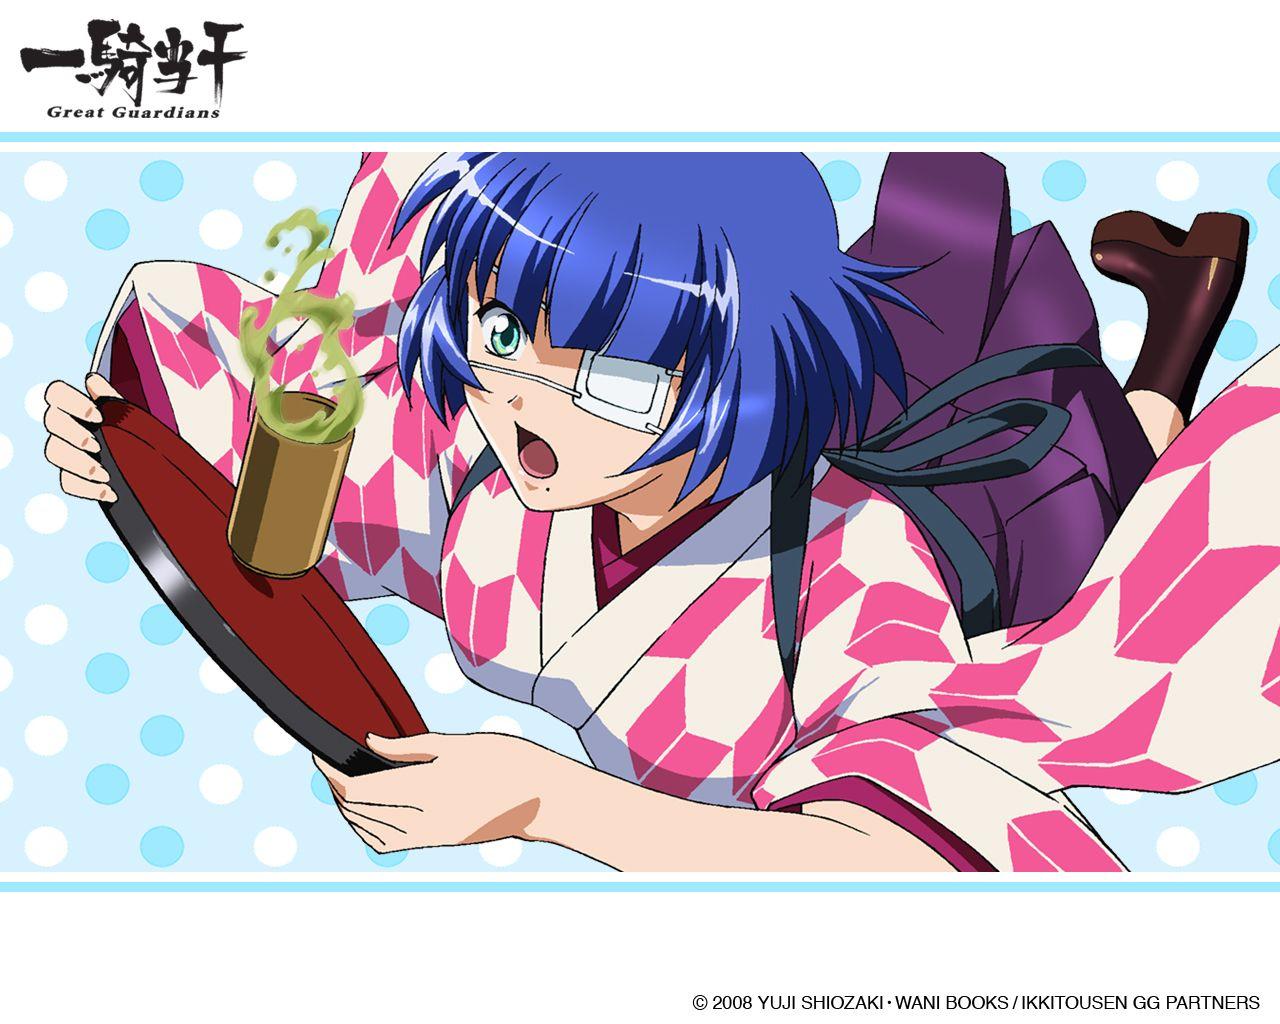 ikkitousen-06(1280x1024).jpg